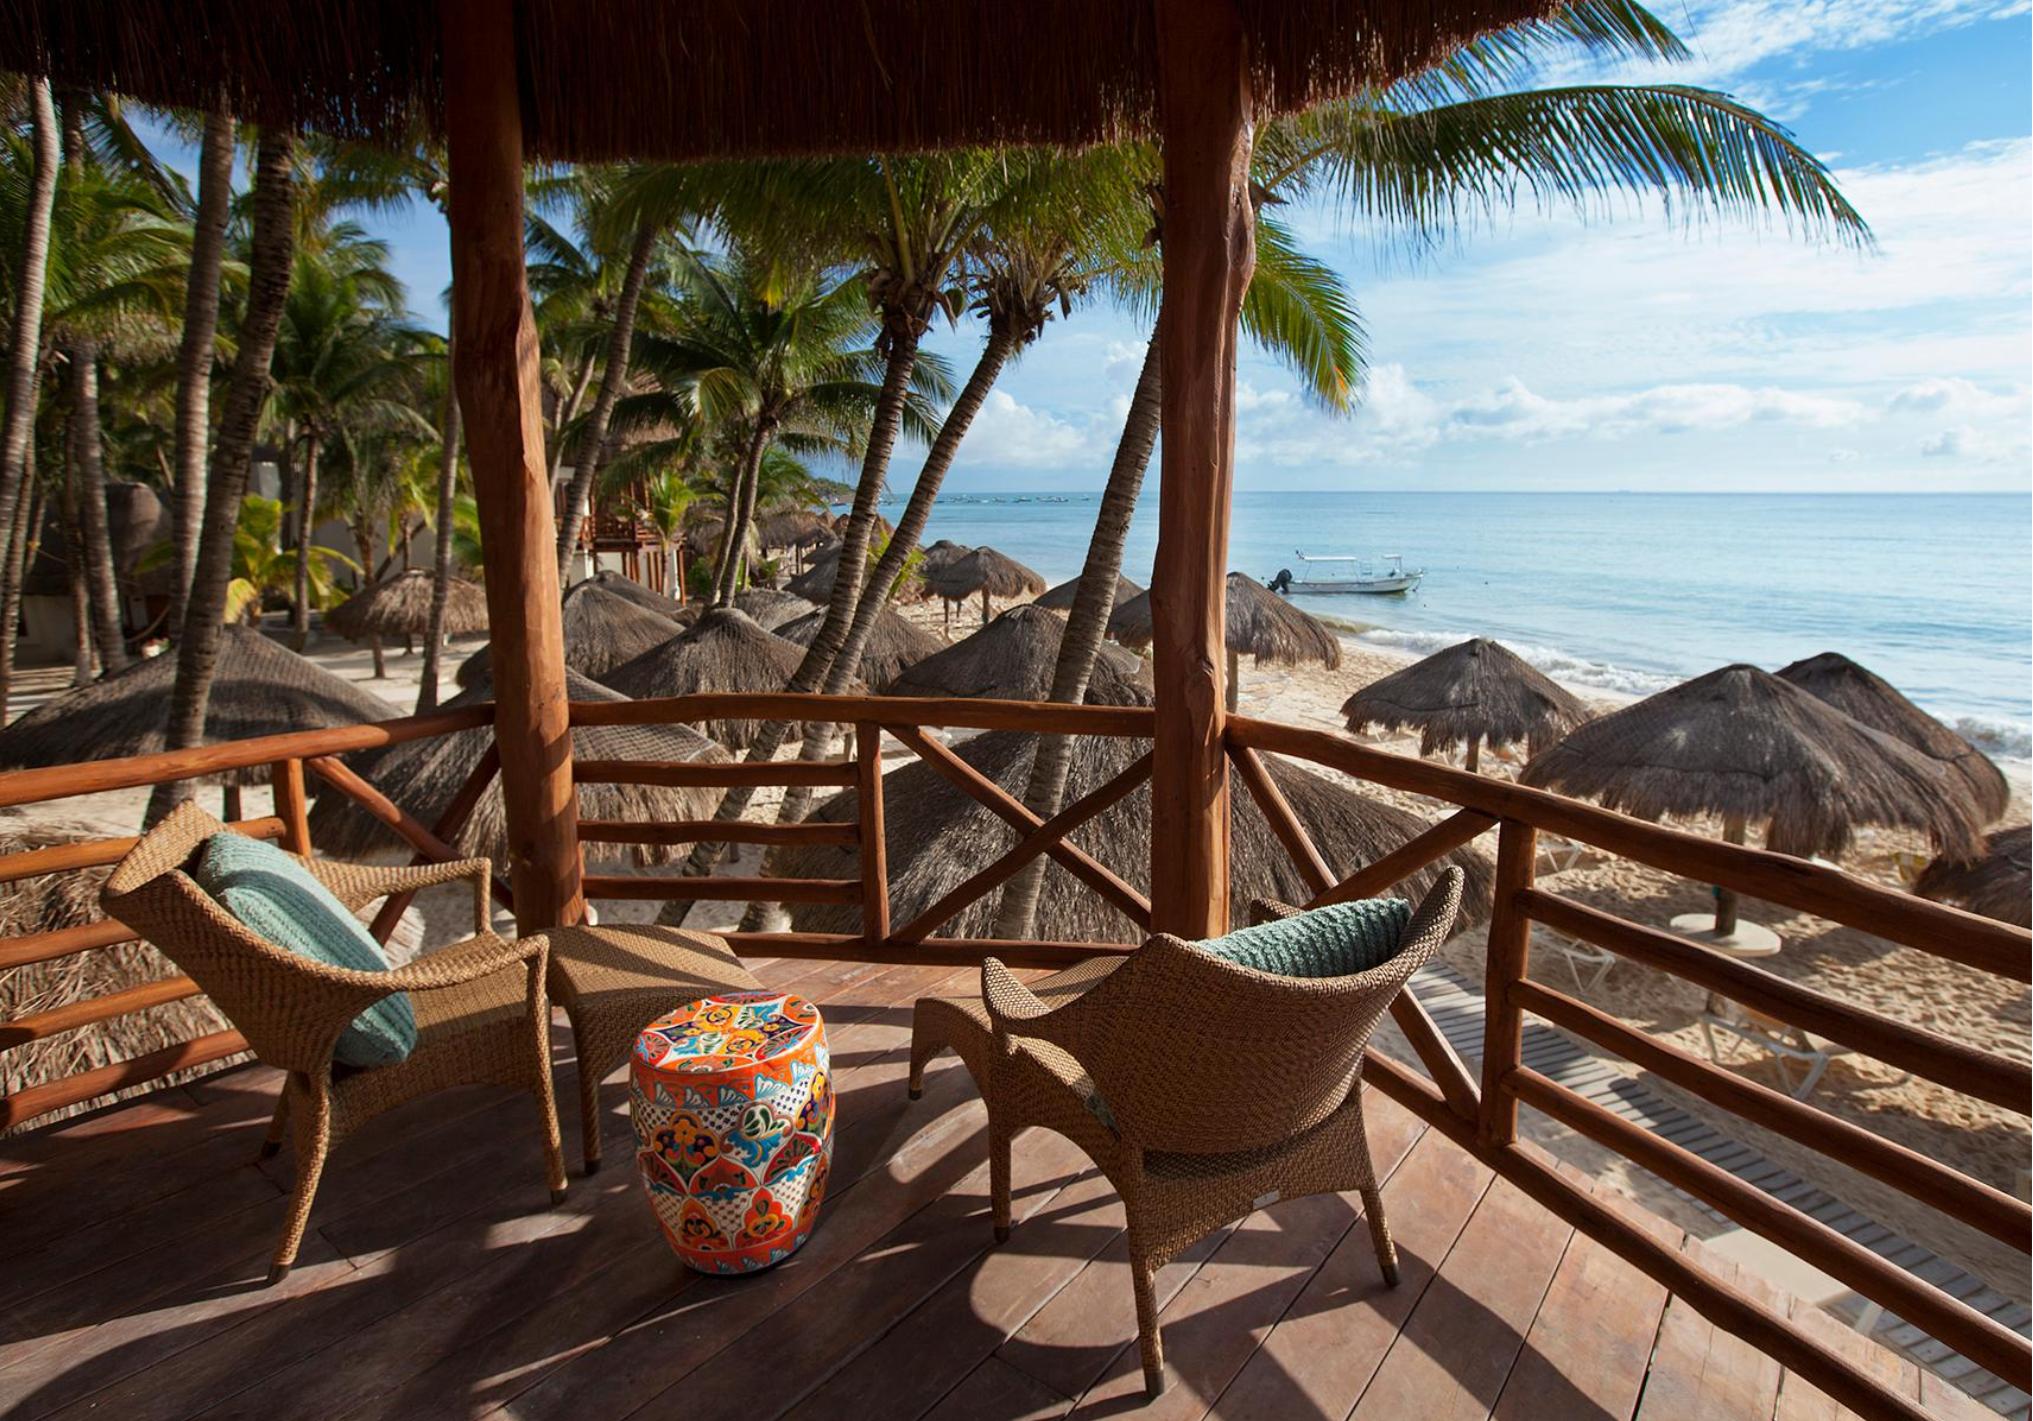 mahekal beach resort 6.PNG